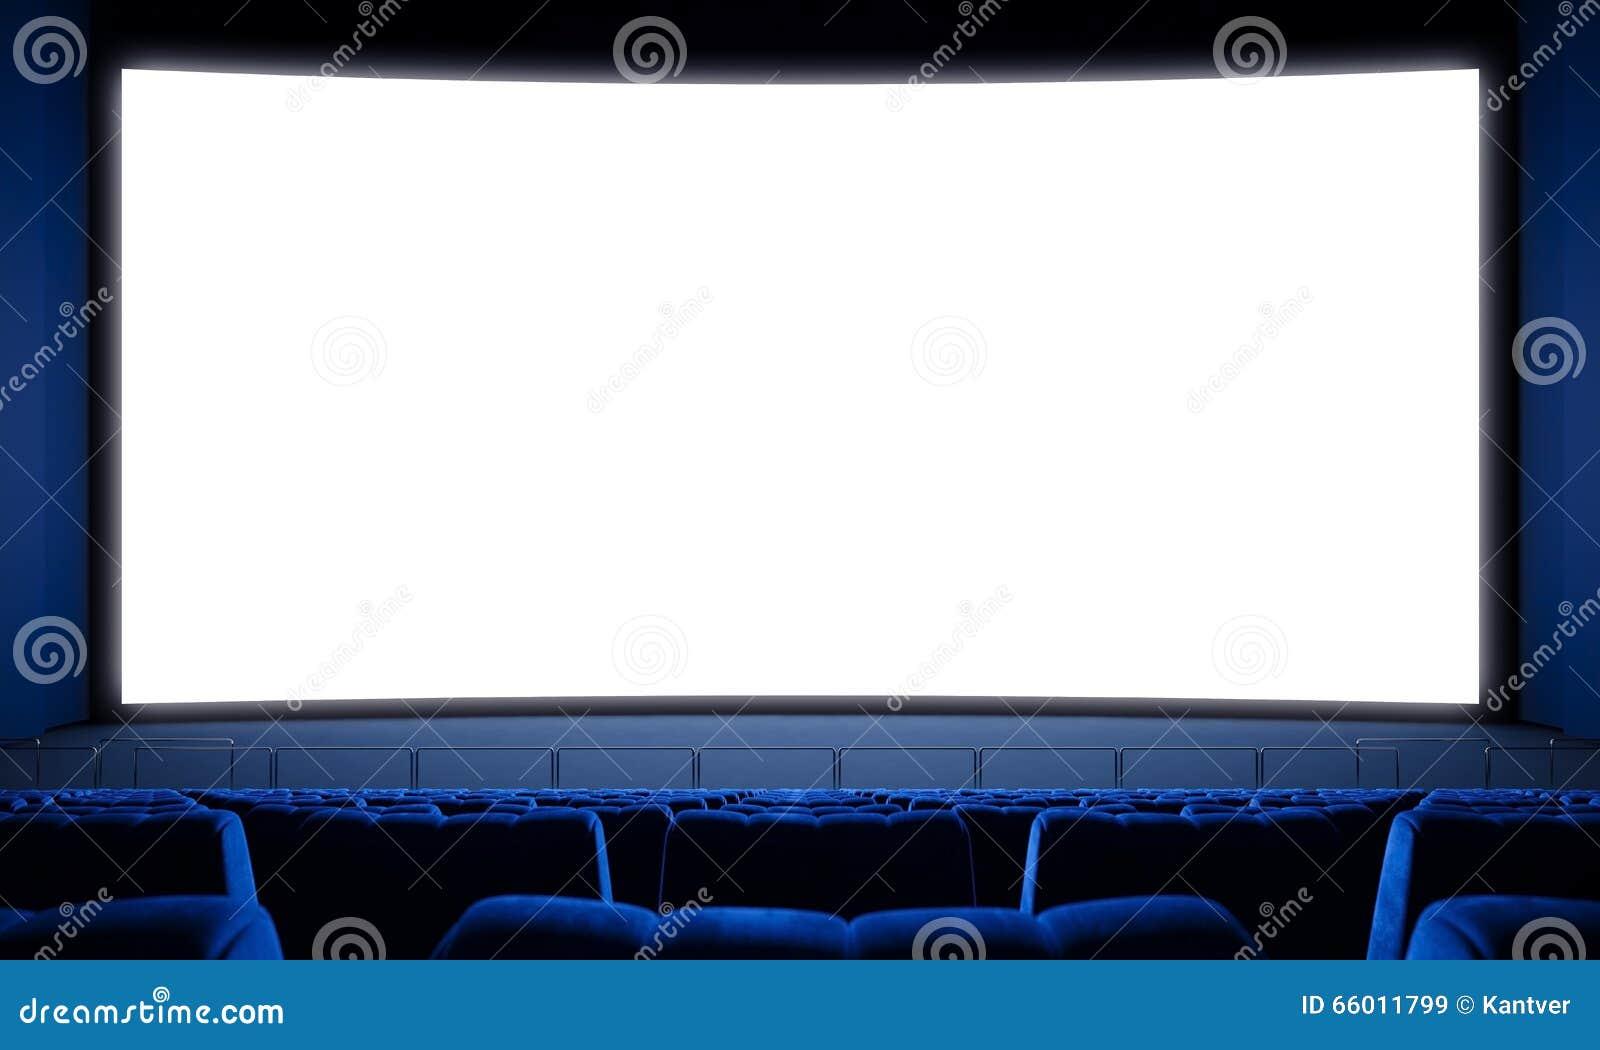 salle de cin ma avec les si ges vides et le grand cran blanc 3d rendent photo stock image. Black Bedroom Furniture Sets. Home Design Ideas